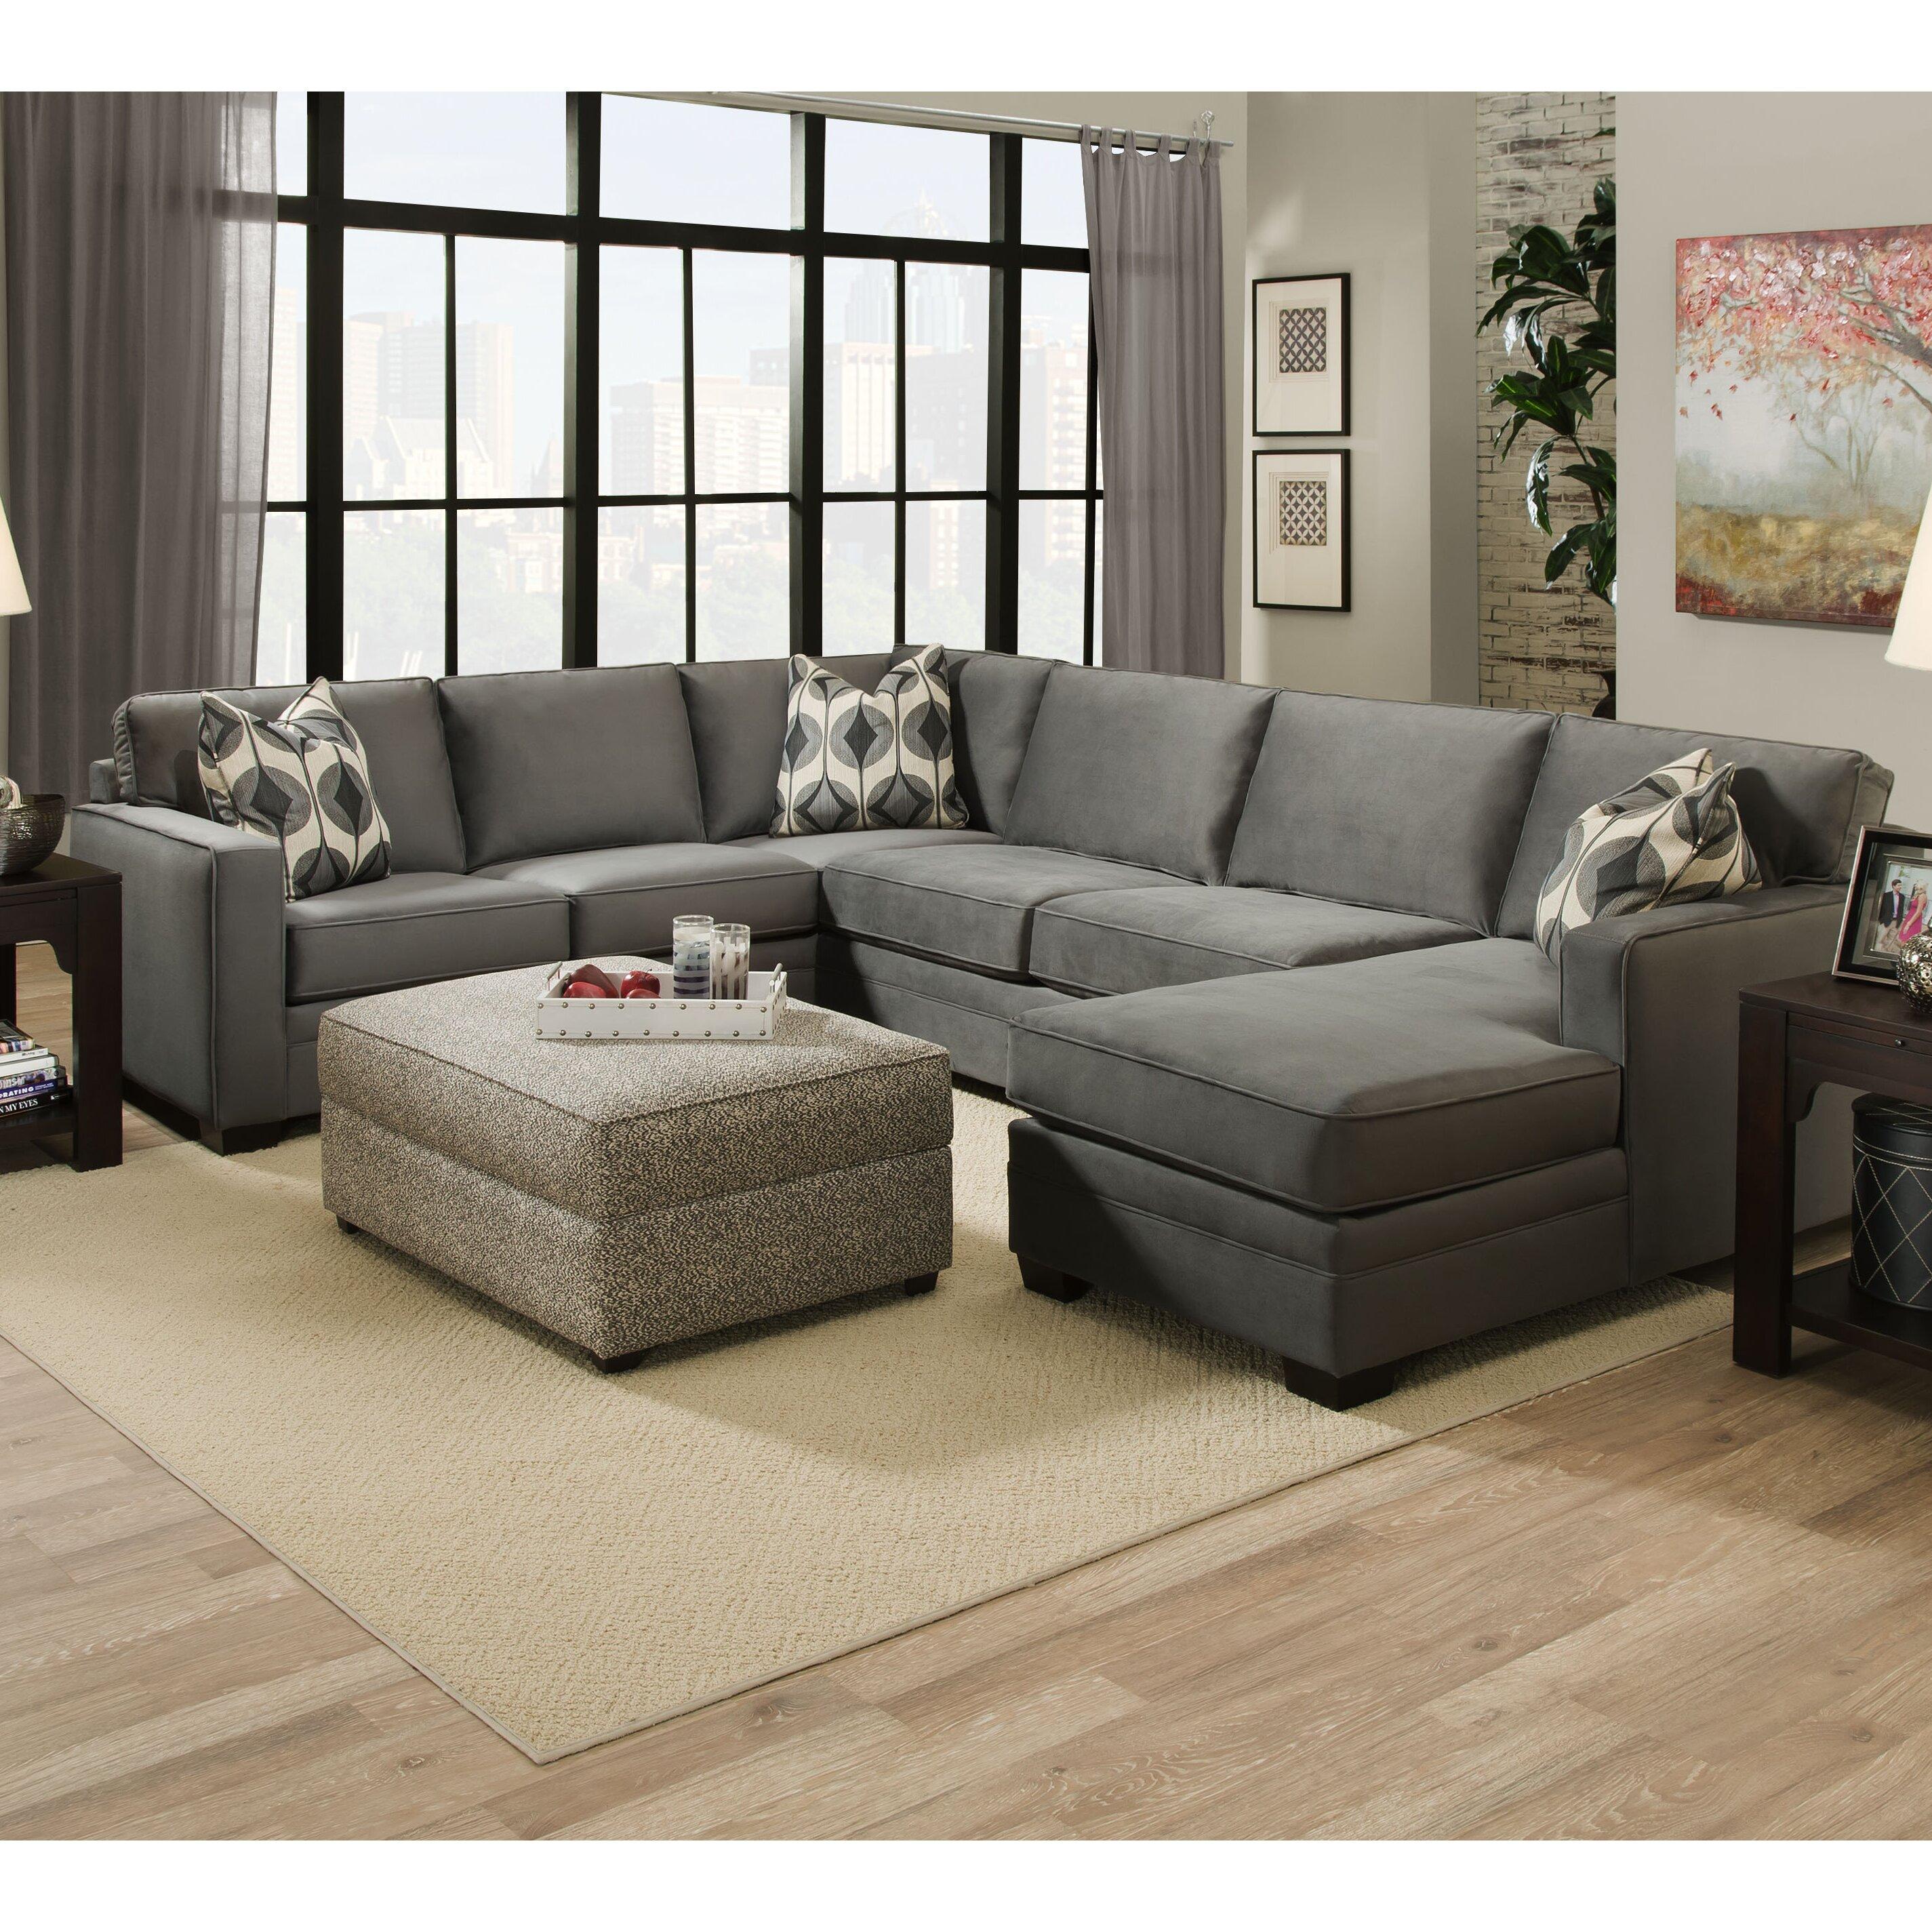 Wayfair Living Room Furniture Bauhaus Cole Sectional Reviews Wayfair